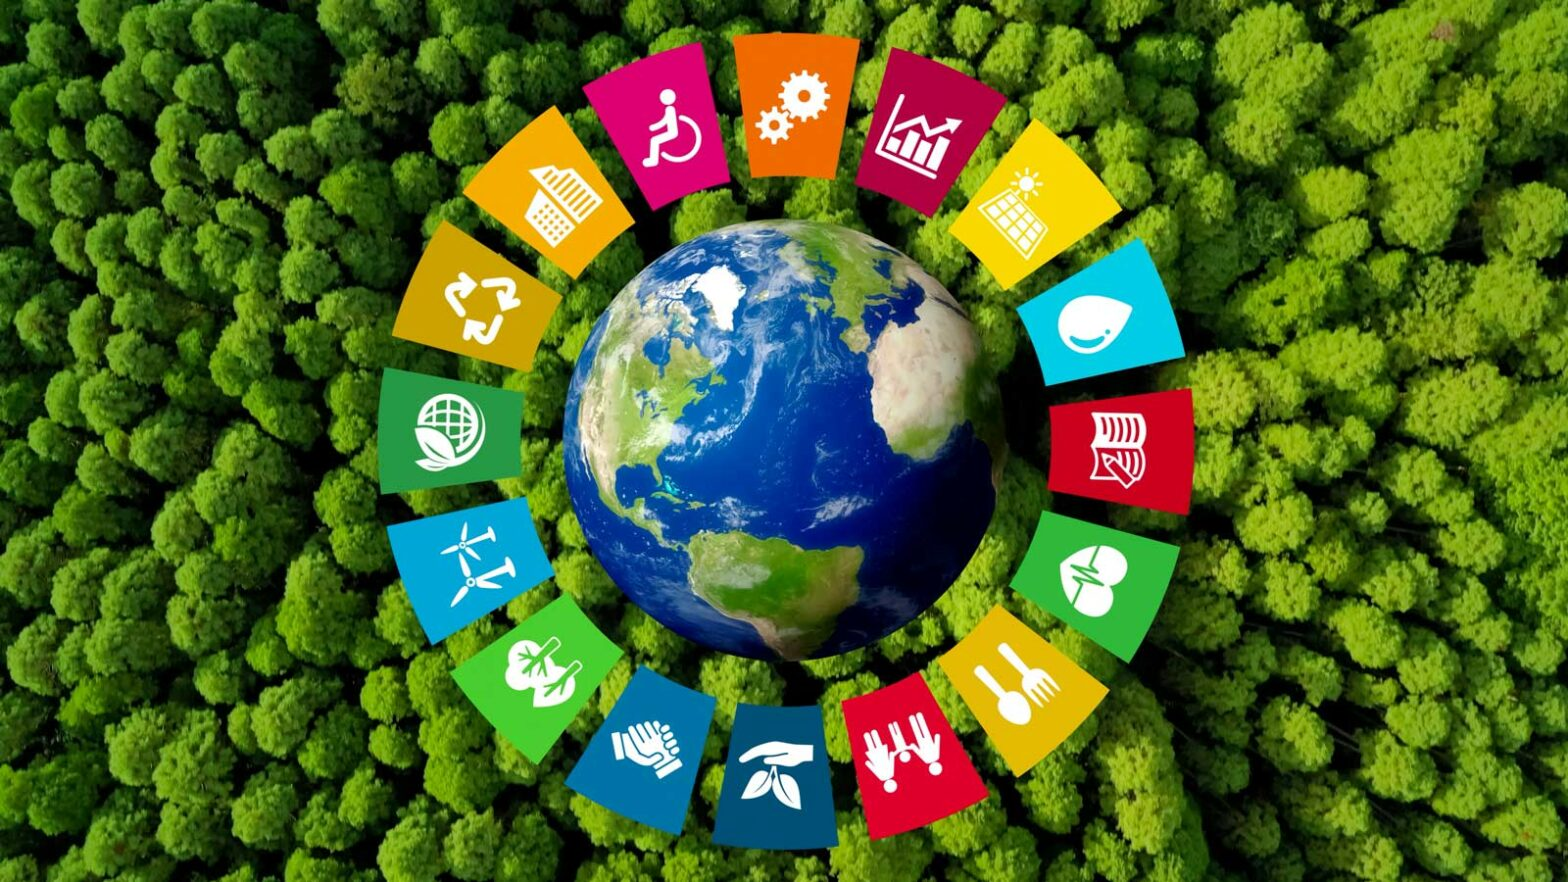 Semaine du développement durable 2021